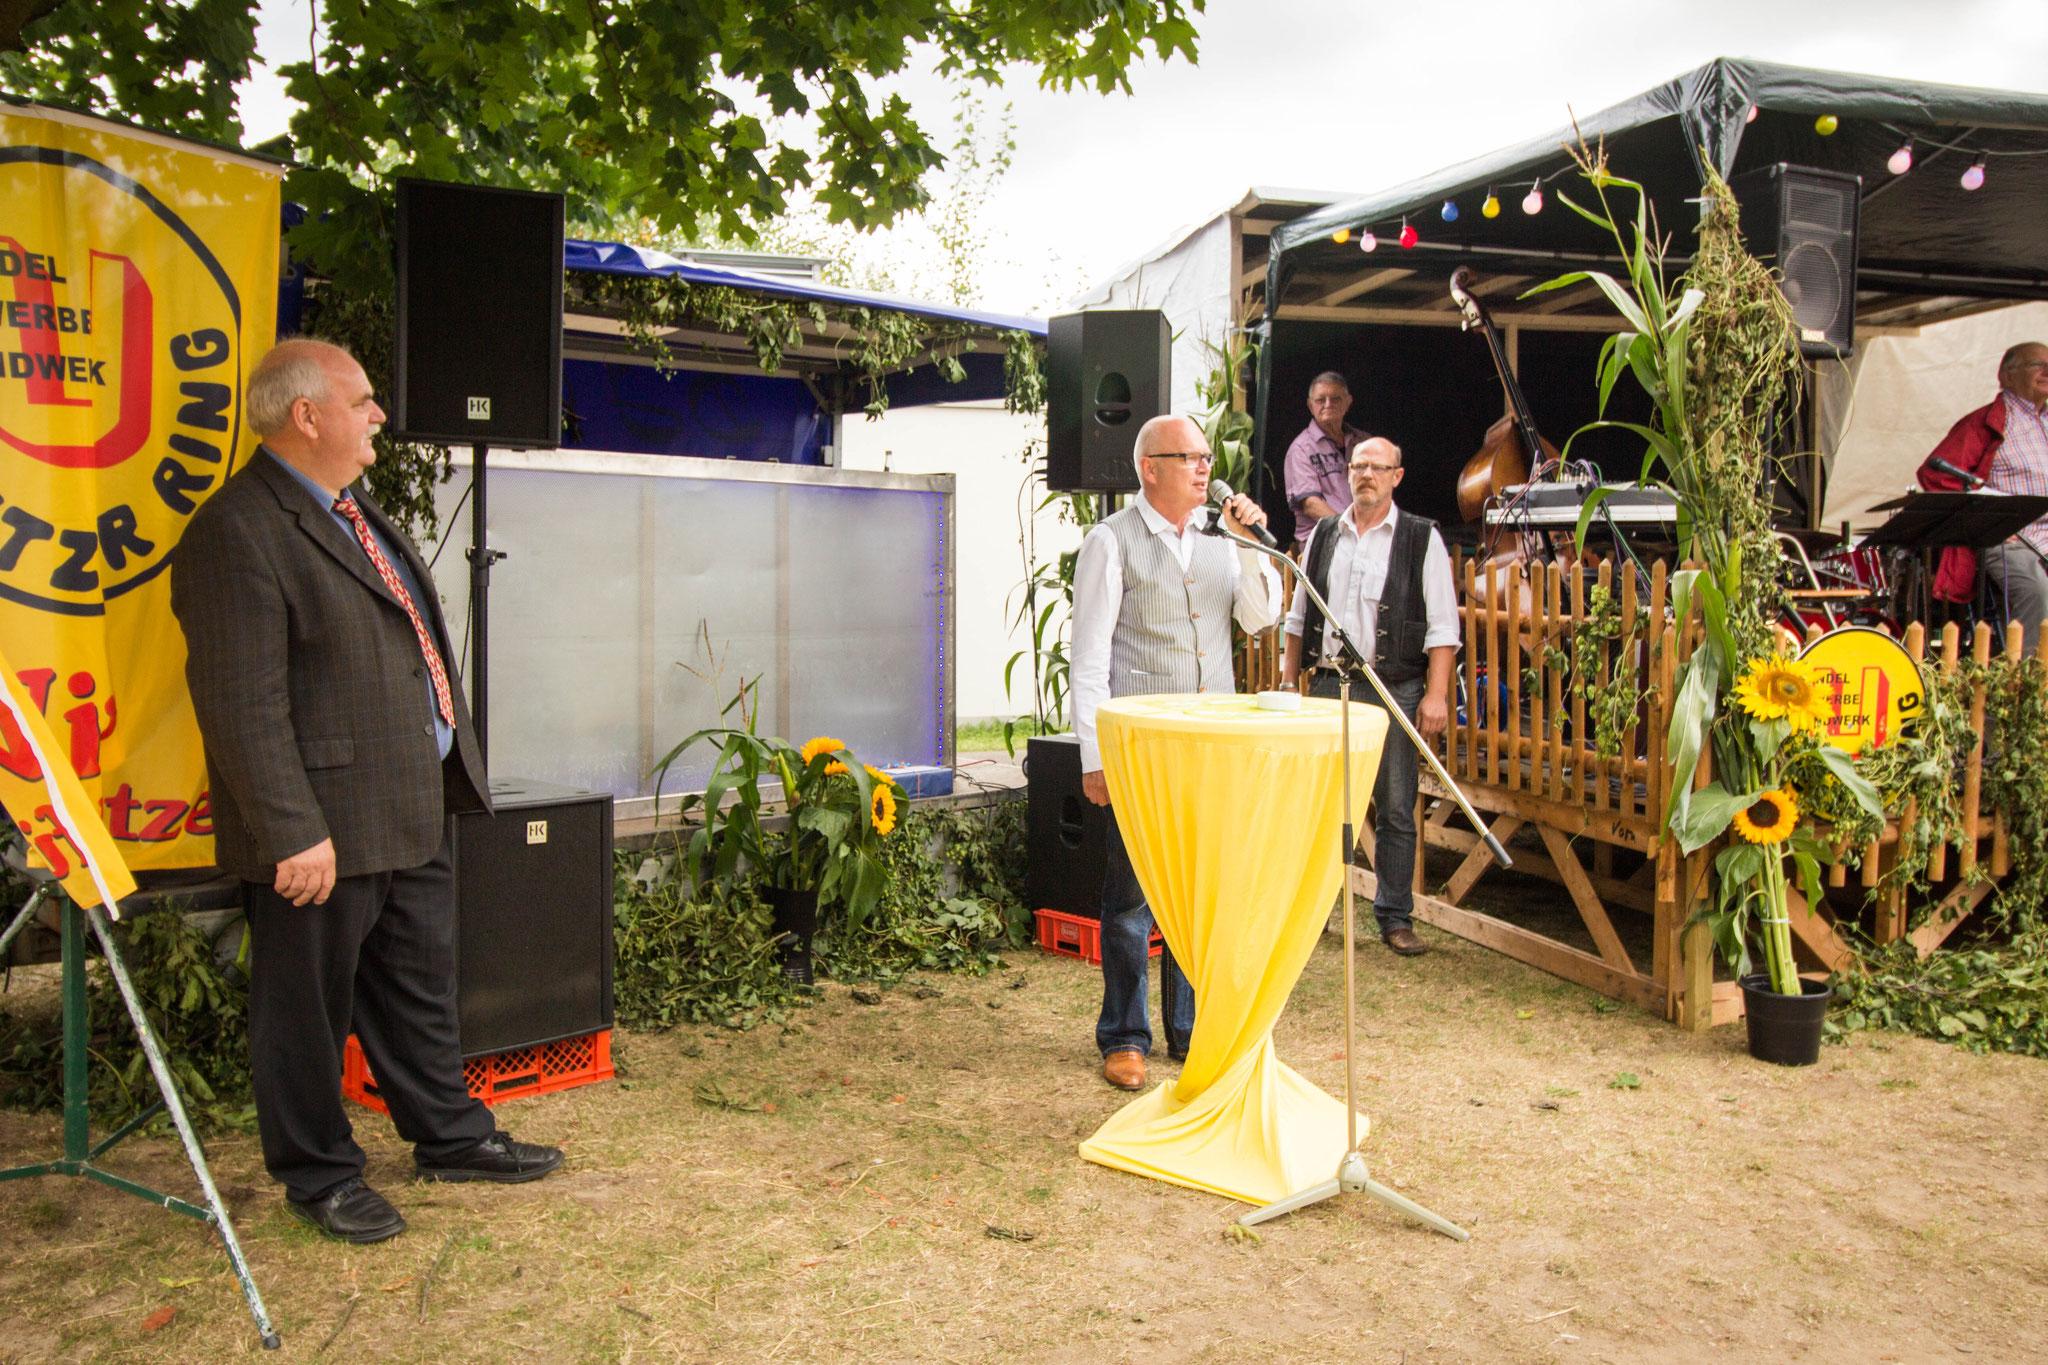 Gemeindebürgermeister Werner Backeberg gratulierte dem Vorsitzenden des Uetzer Rings zum 40-jährigen Bestehen